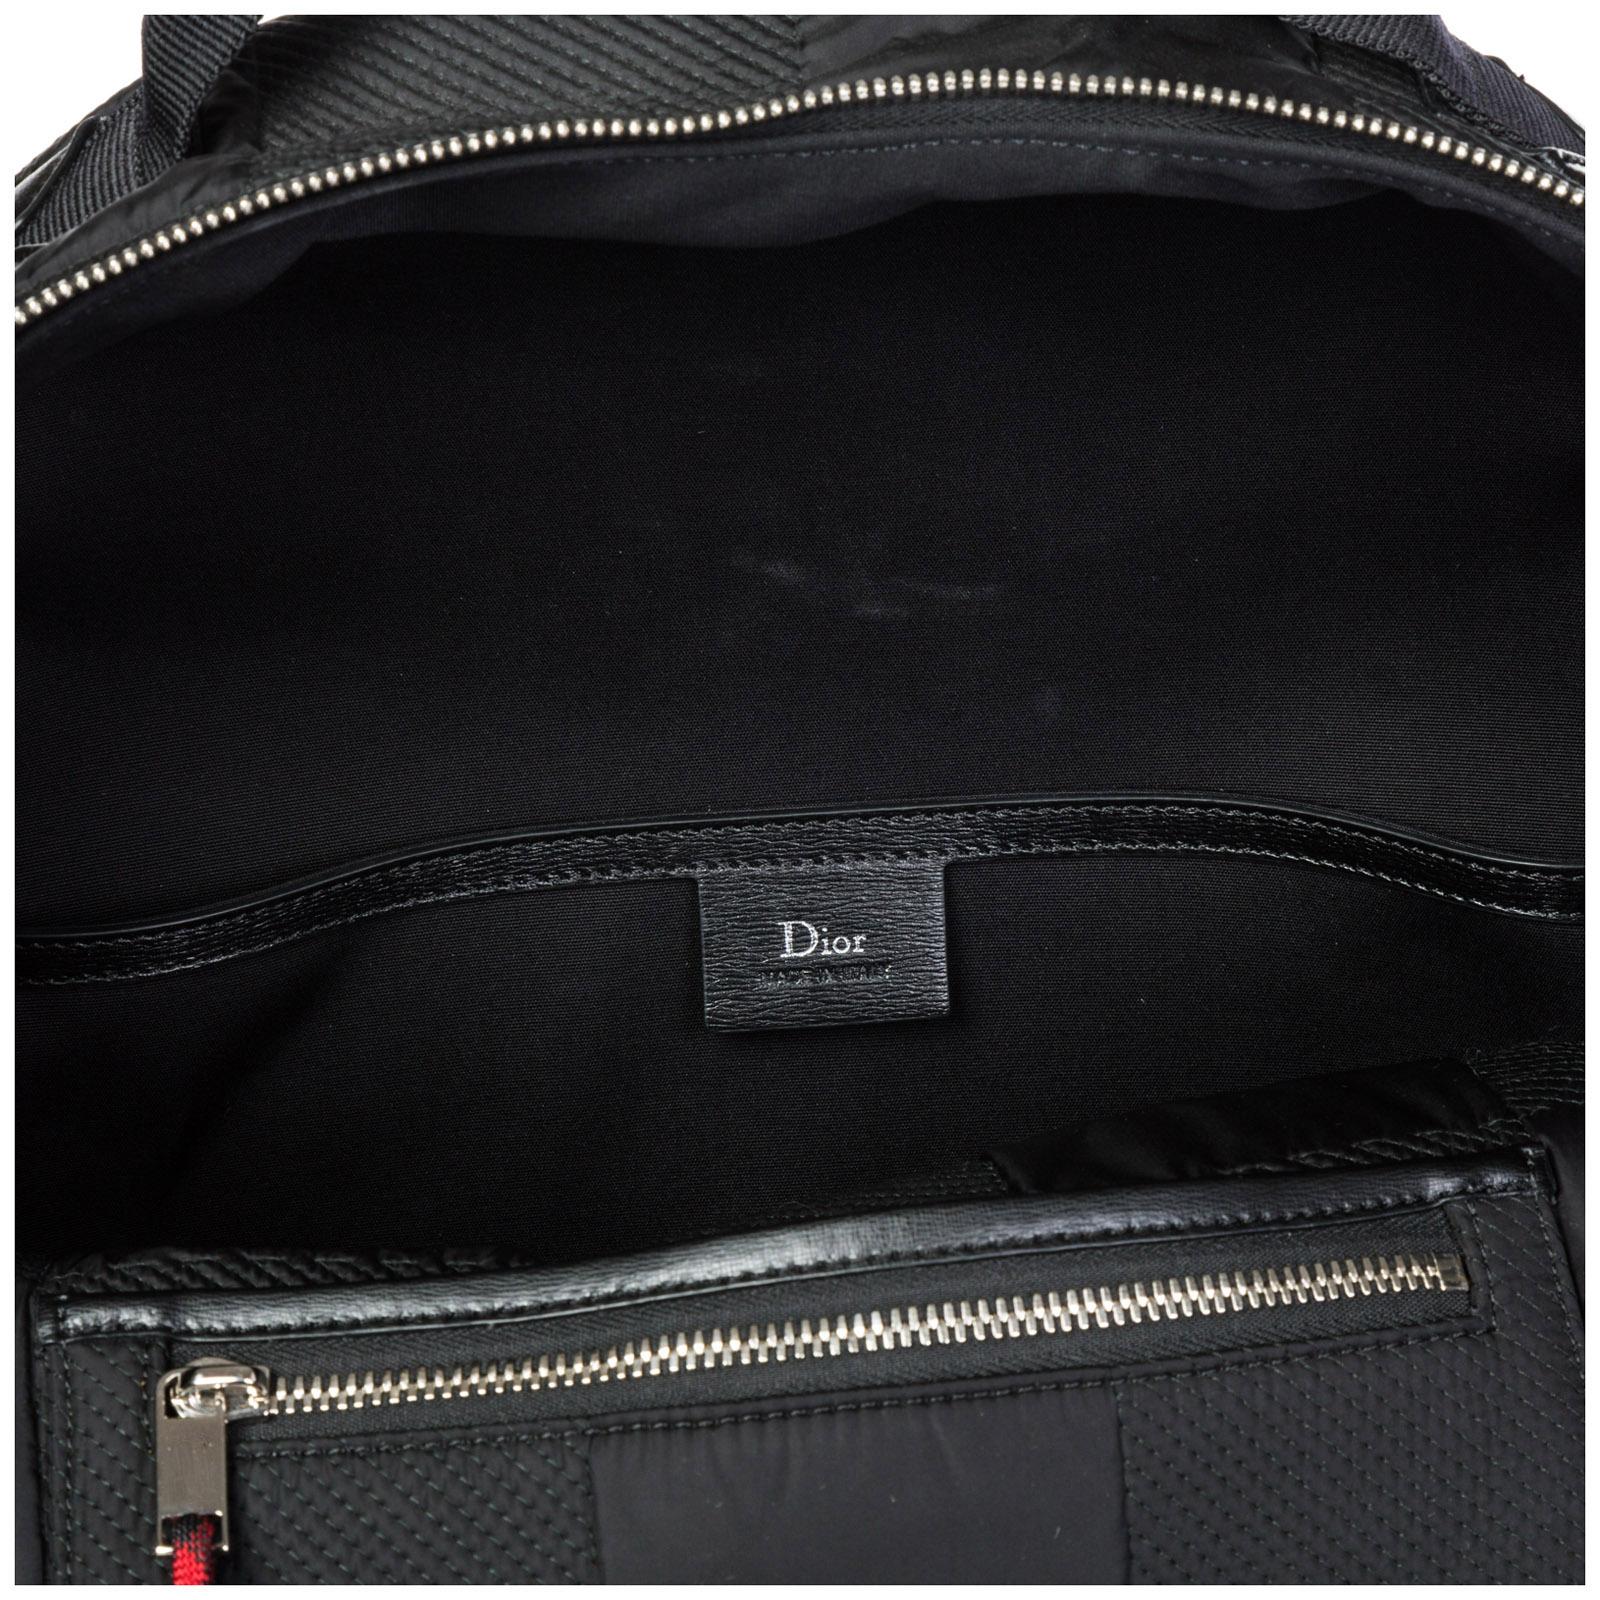 Sacs à dos Dior 1DEBA034XFP 00NU nero   FRMODA.com 548384aeff2